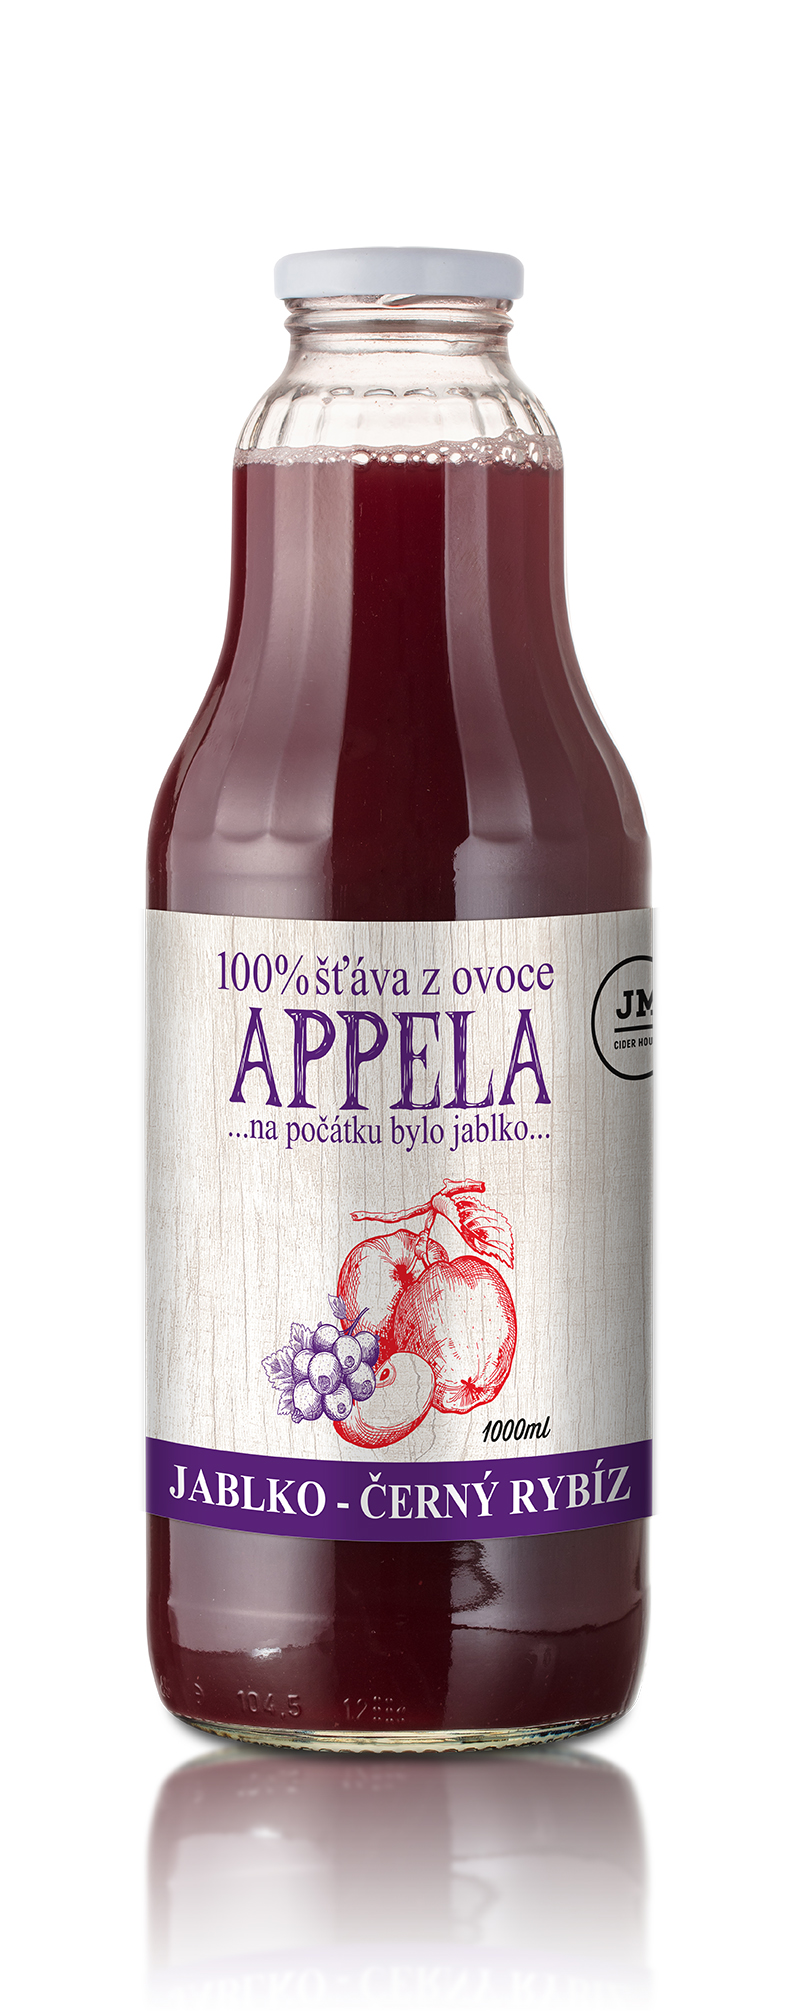 Appela, Jablko - černý rybíz 1l